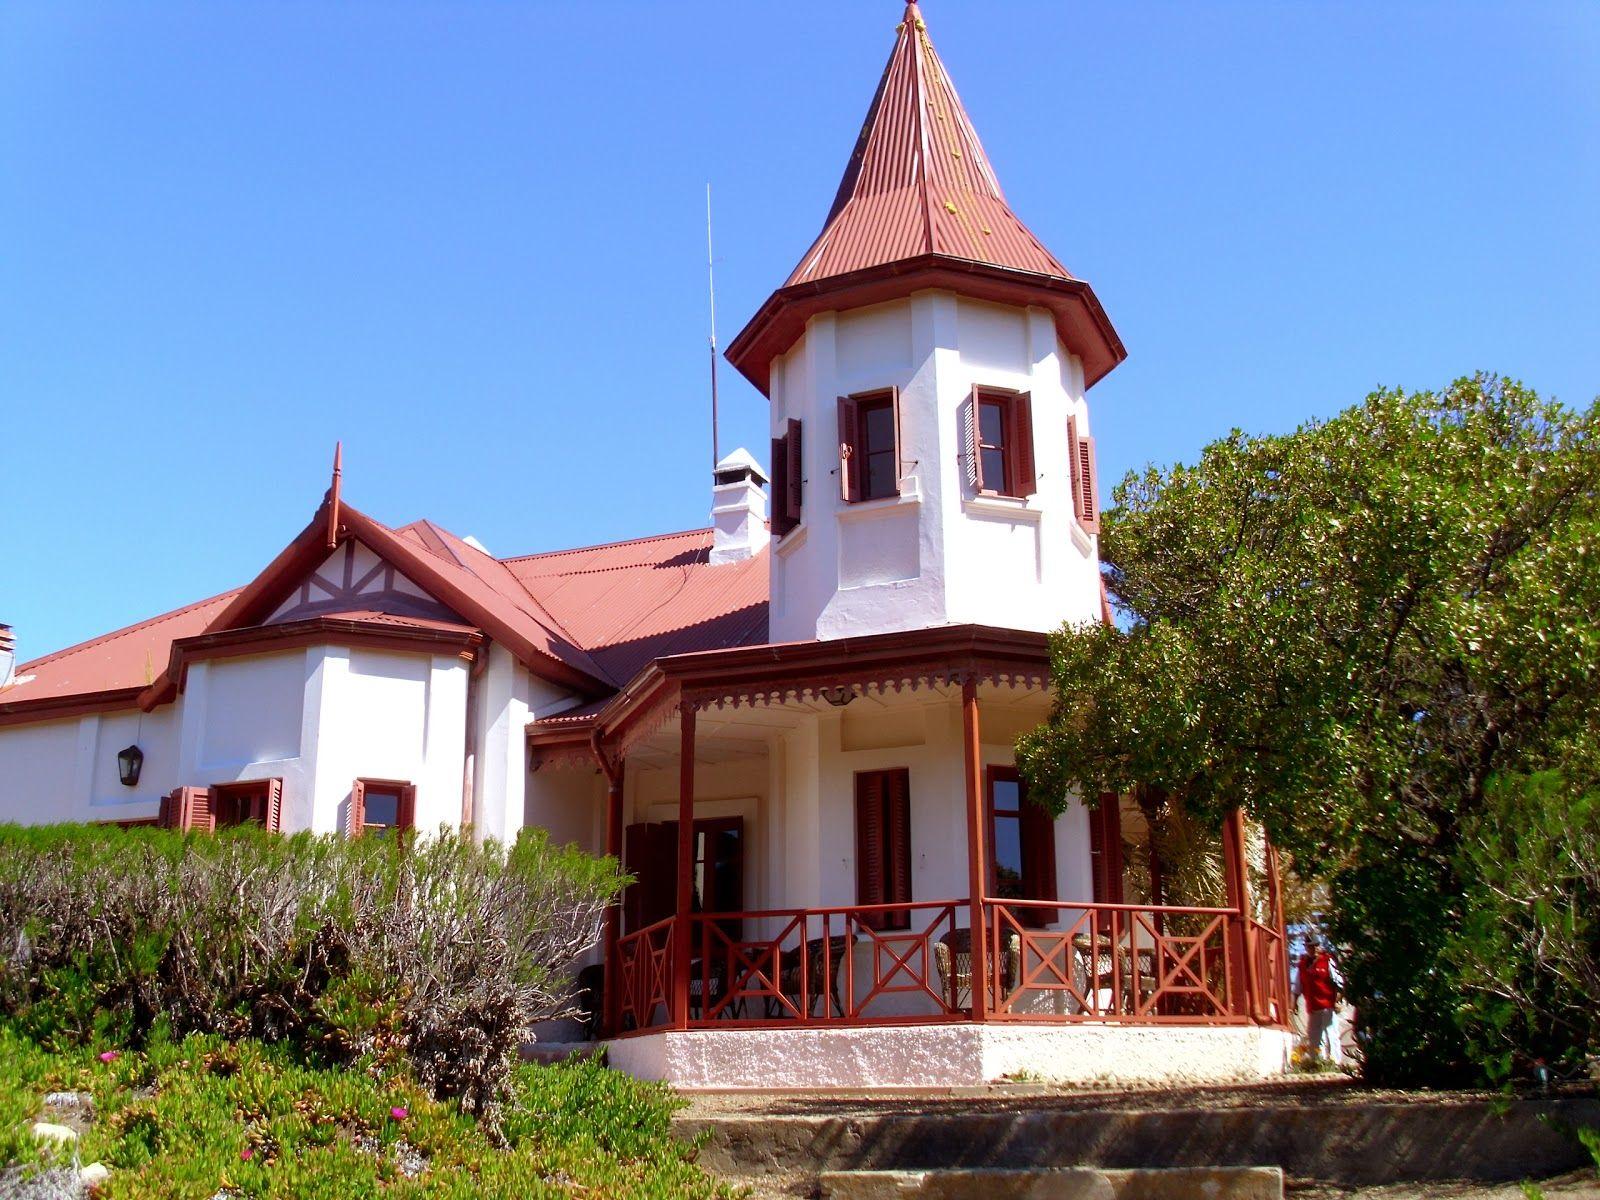 El Pedral